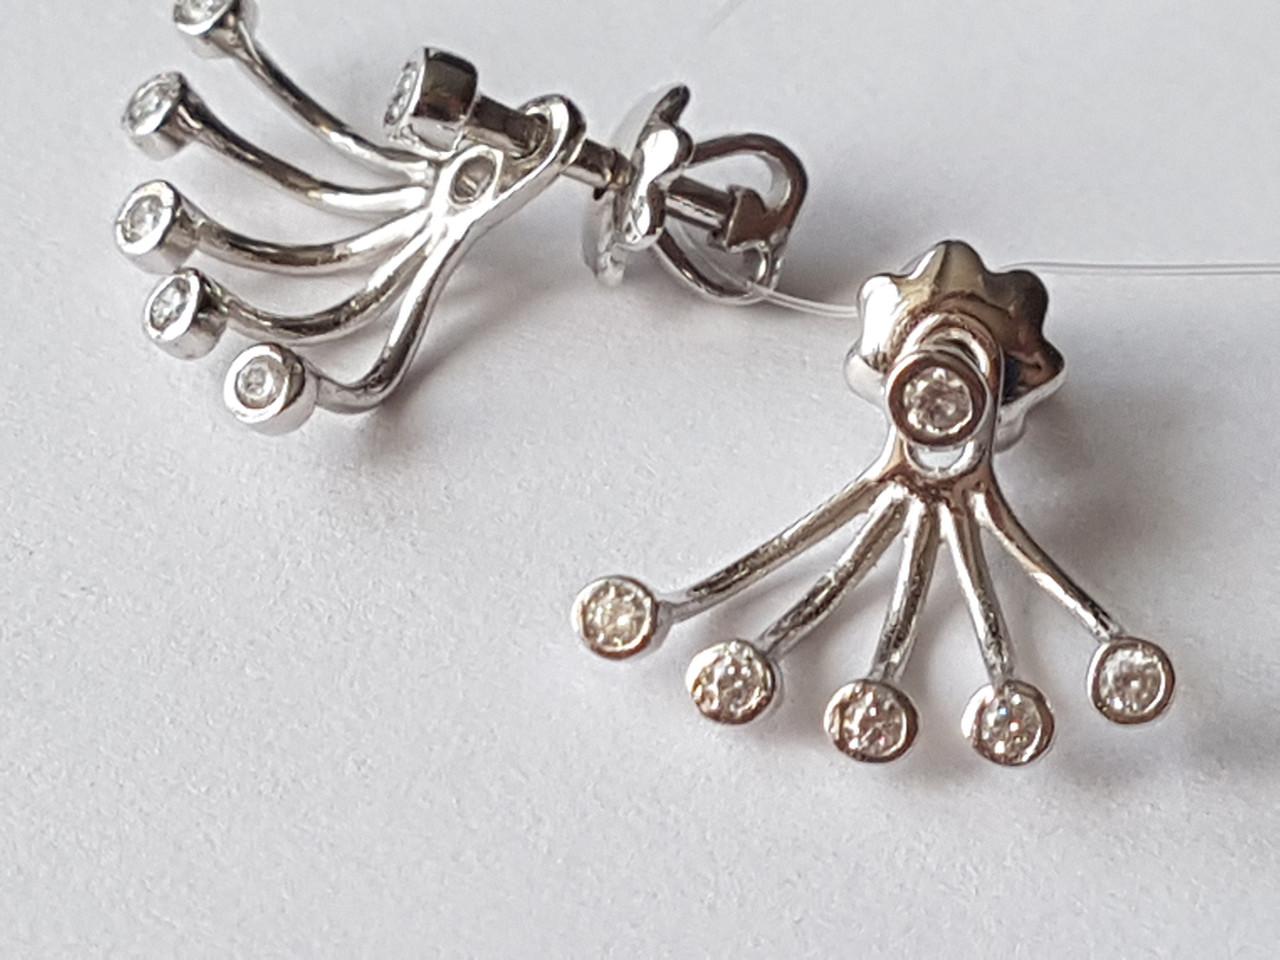 Серебряные пуссеты с фианитами. Артикул 902-00982